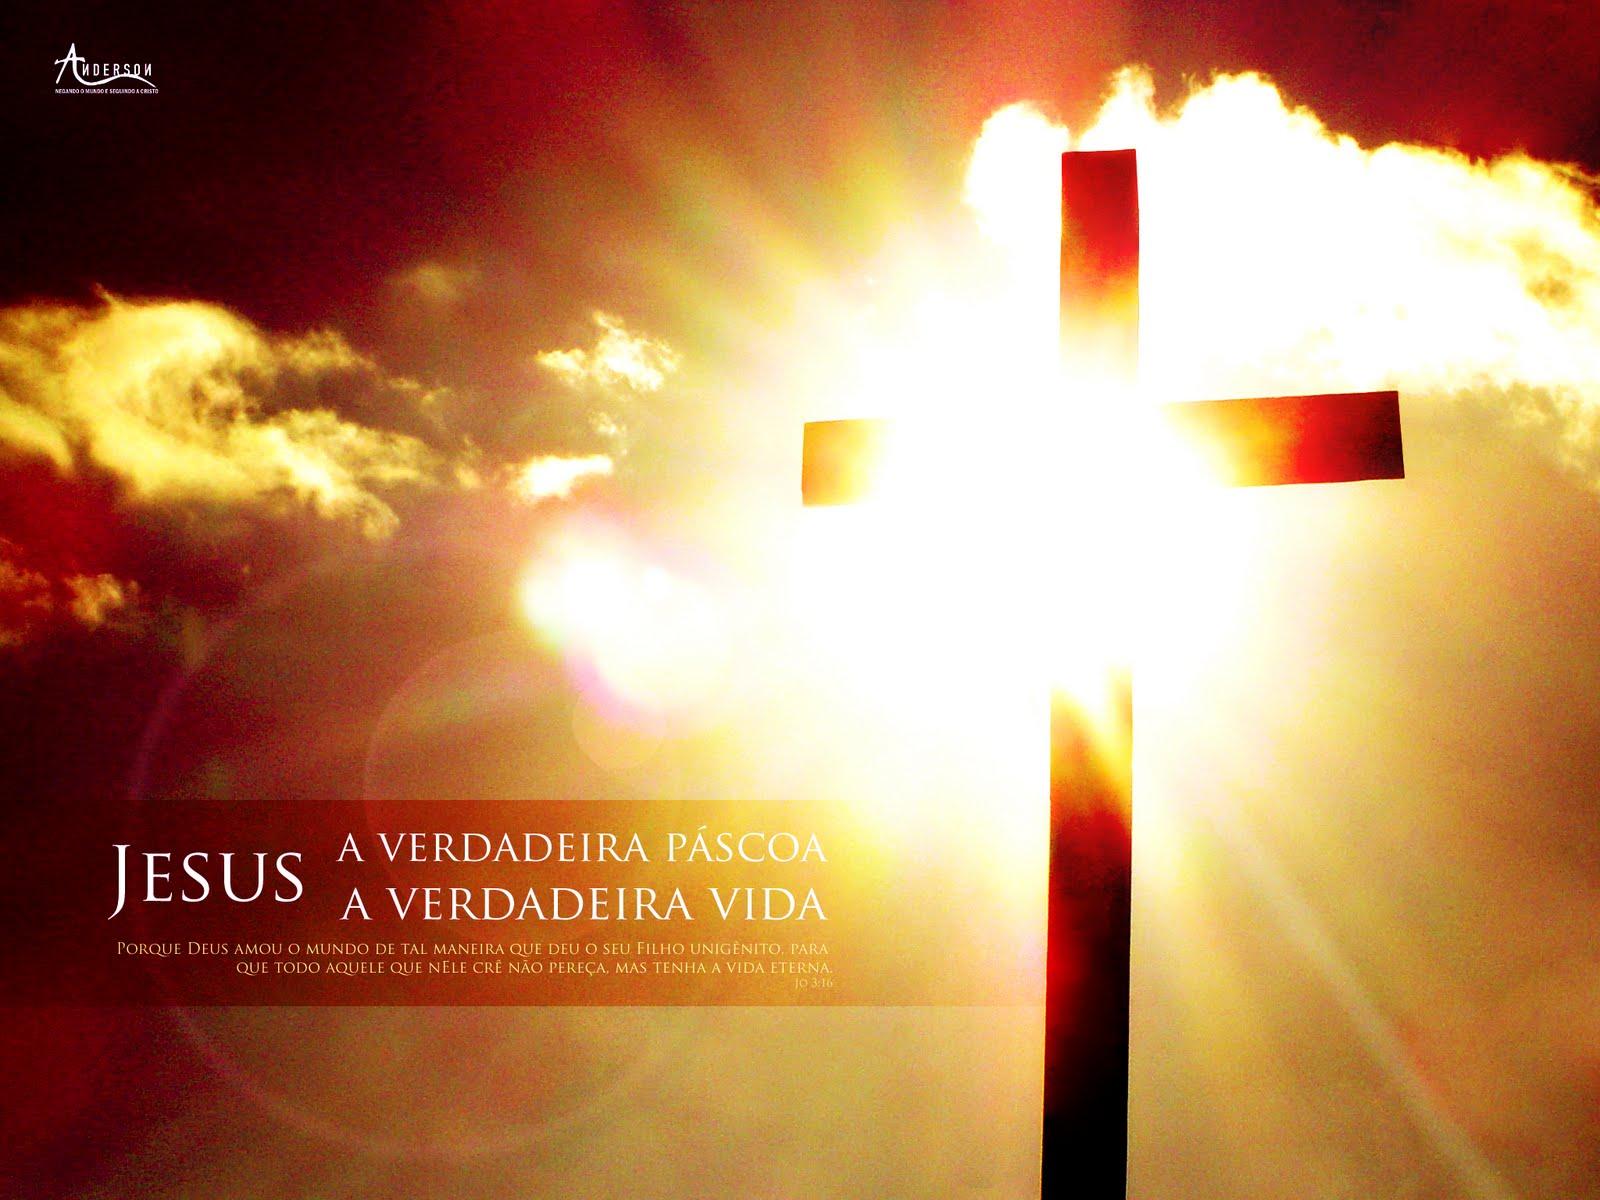 Jesus wallpaper 243016